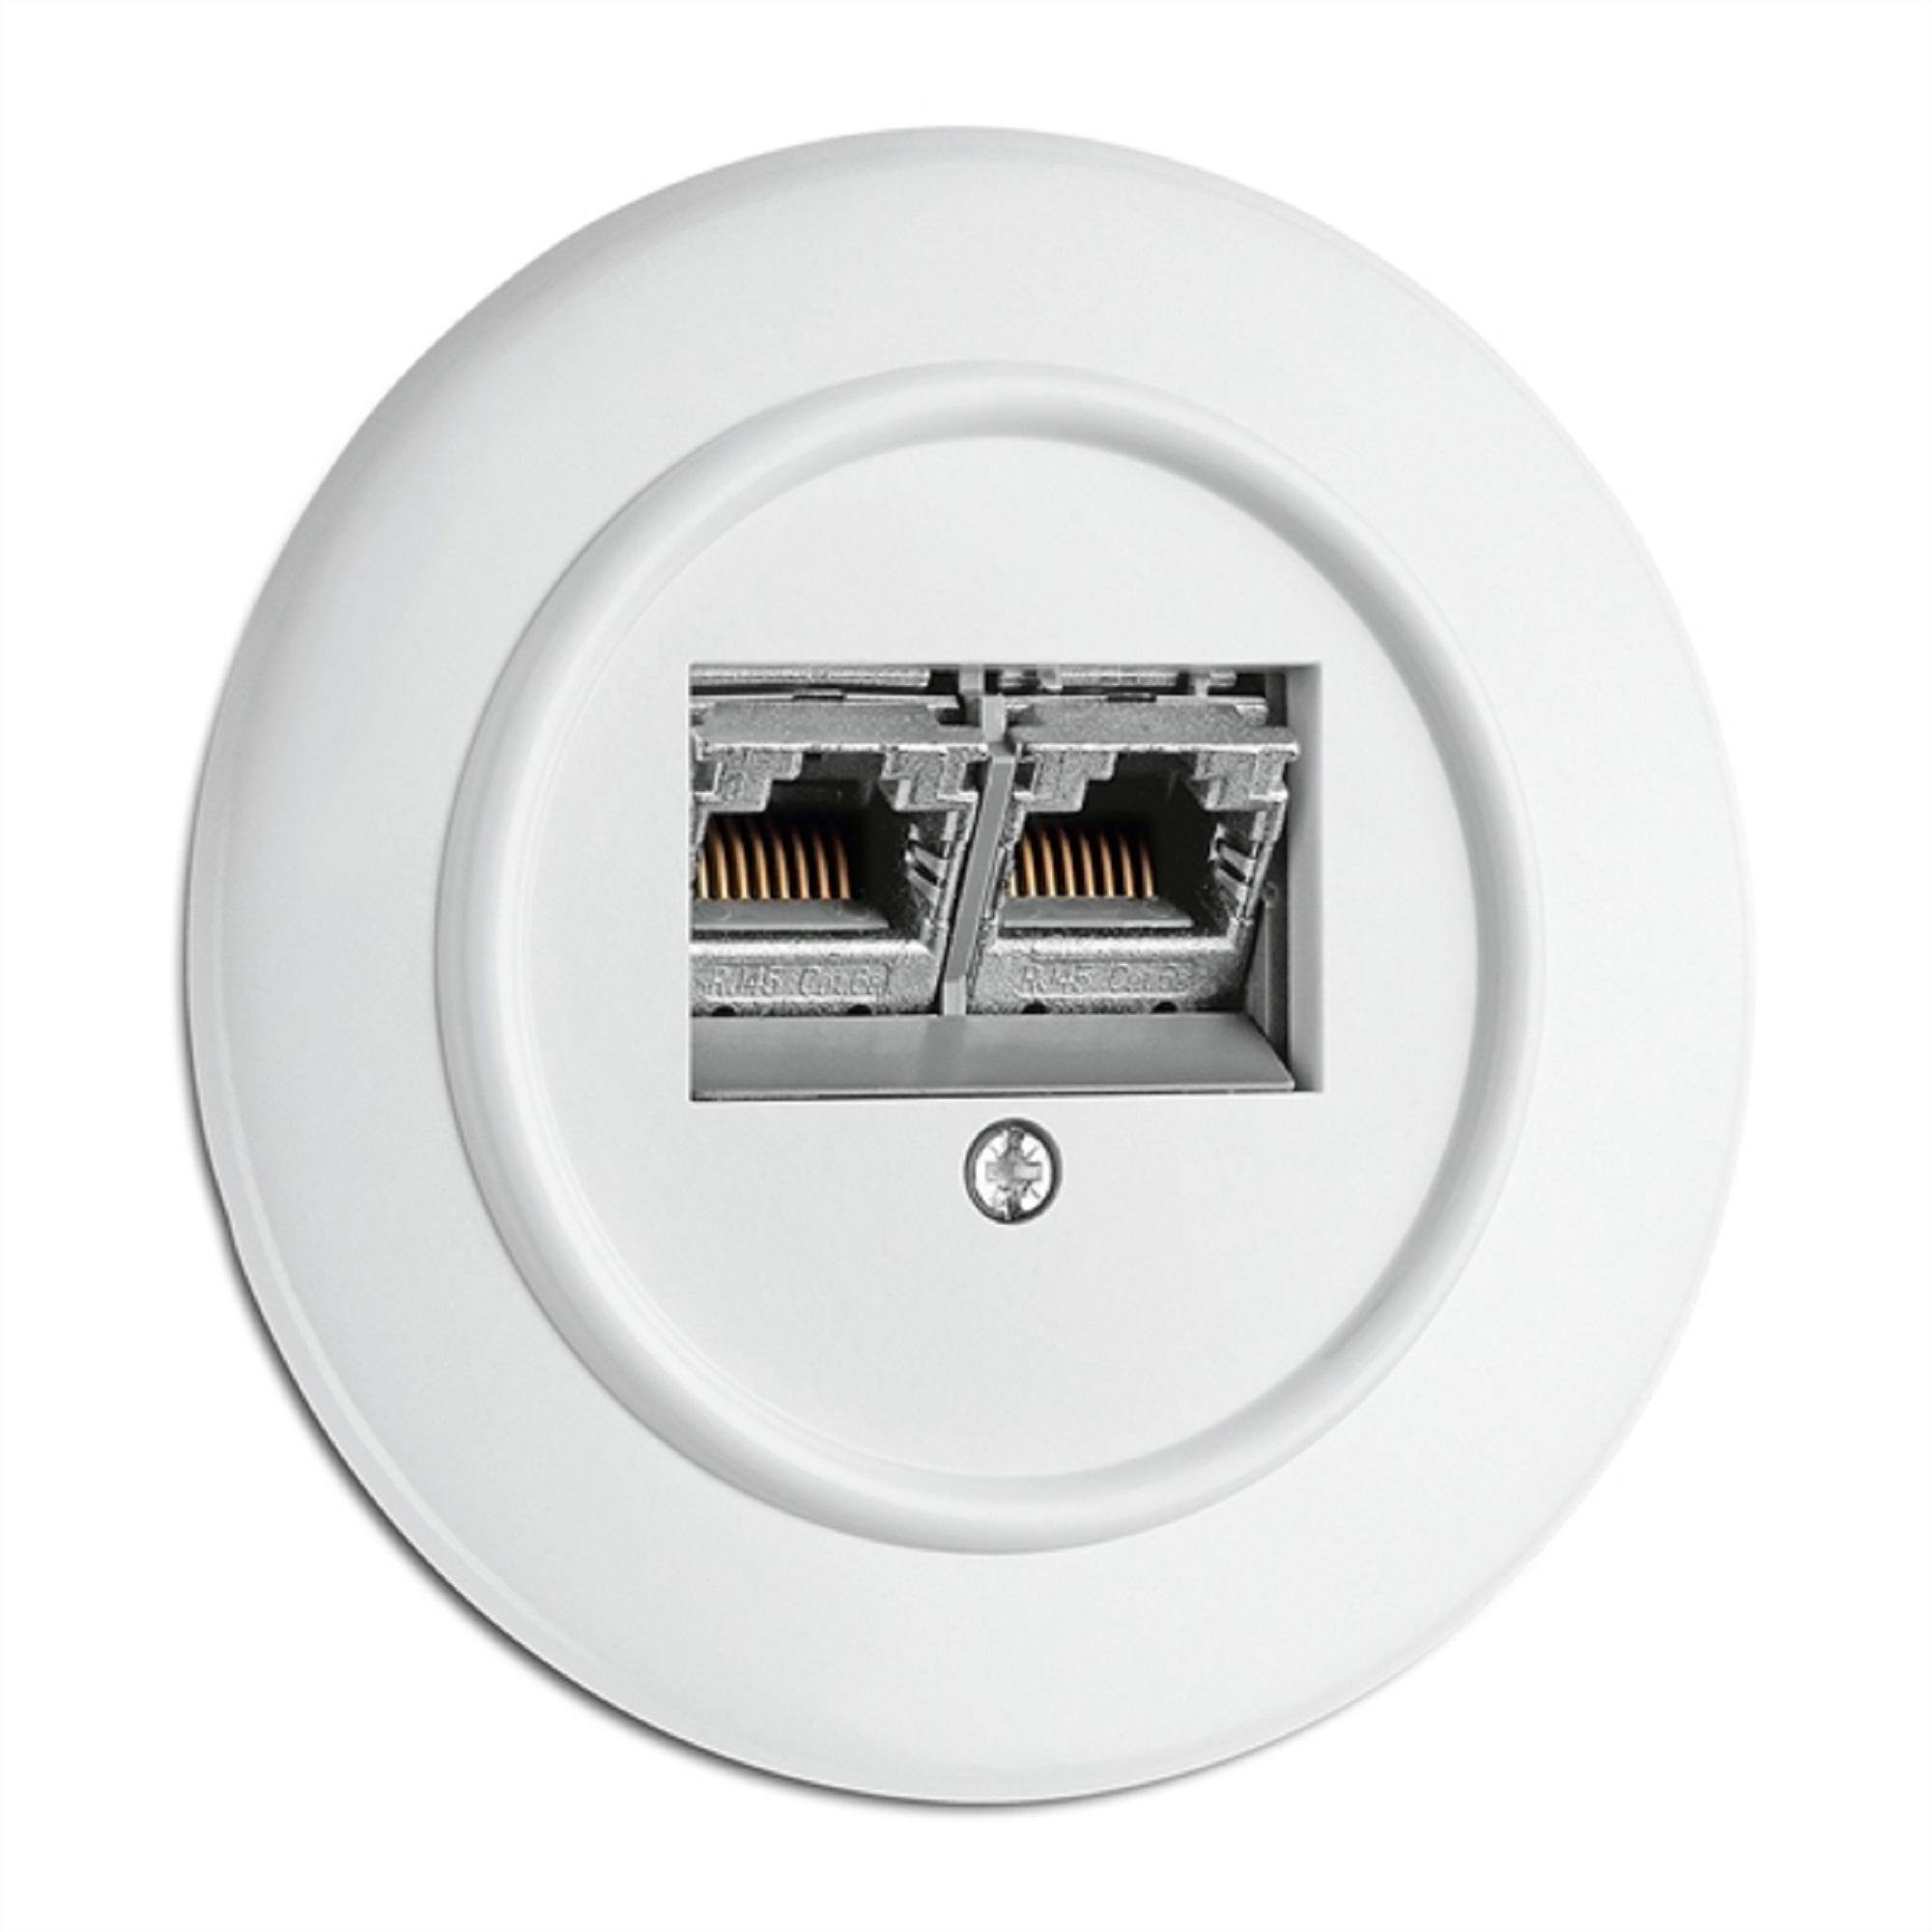 Datendose, Unterputz-Schaltersystem Duroplast weiß mit runder Abdeckung